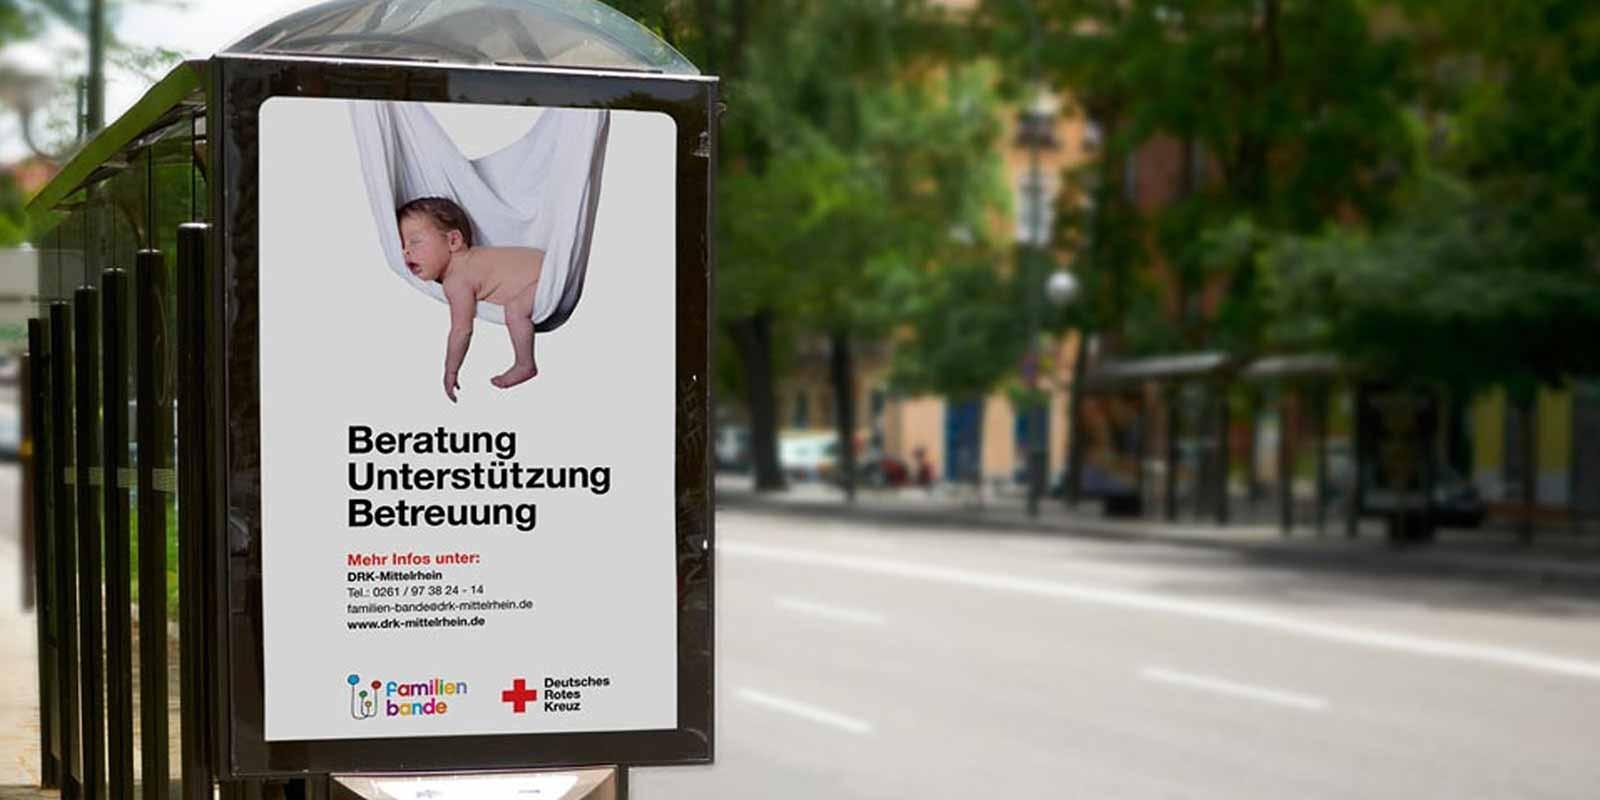 German Red Cross Deutsche Rote Kreuz bus ad